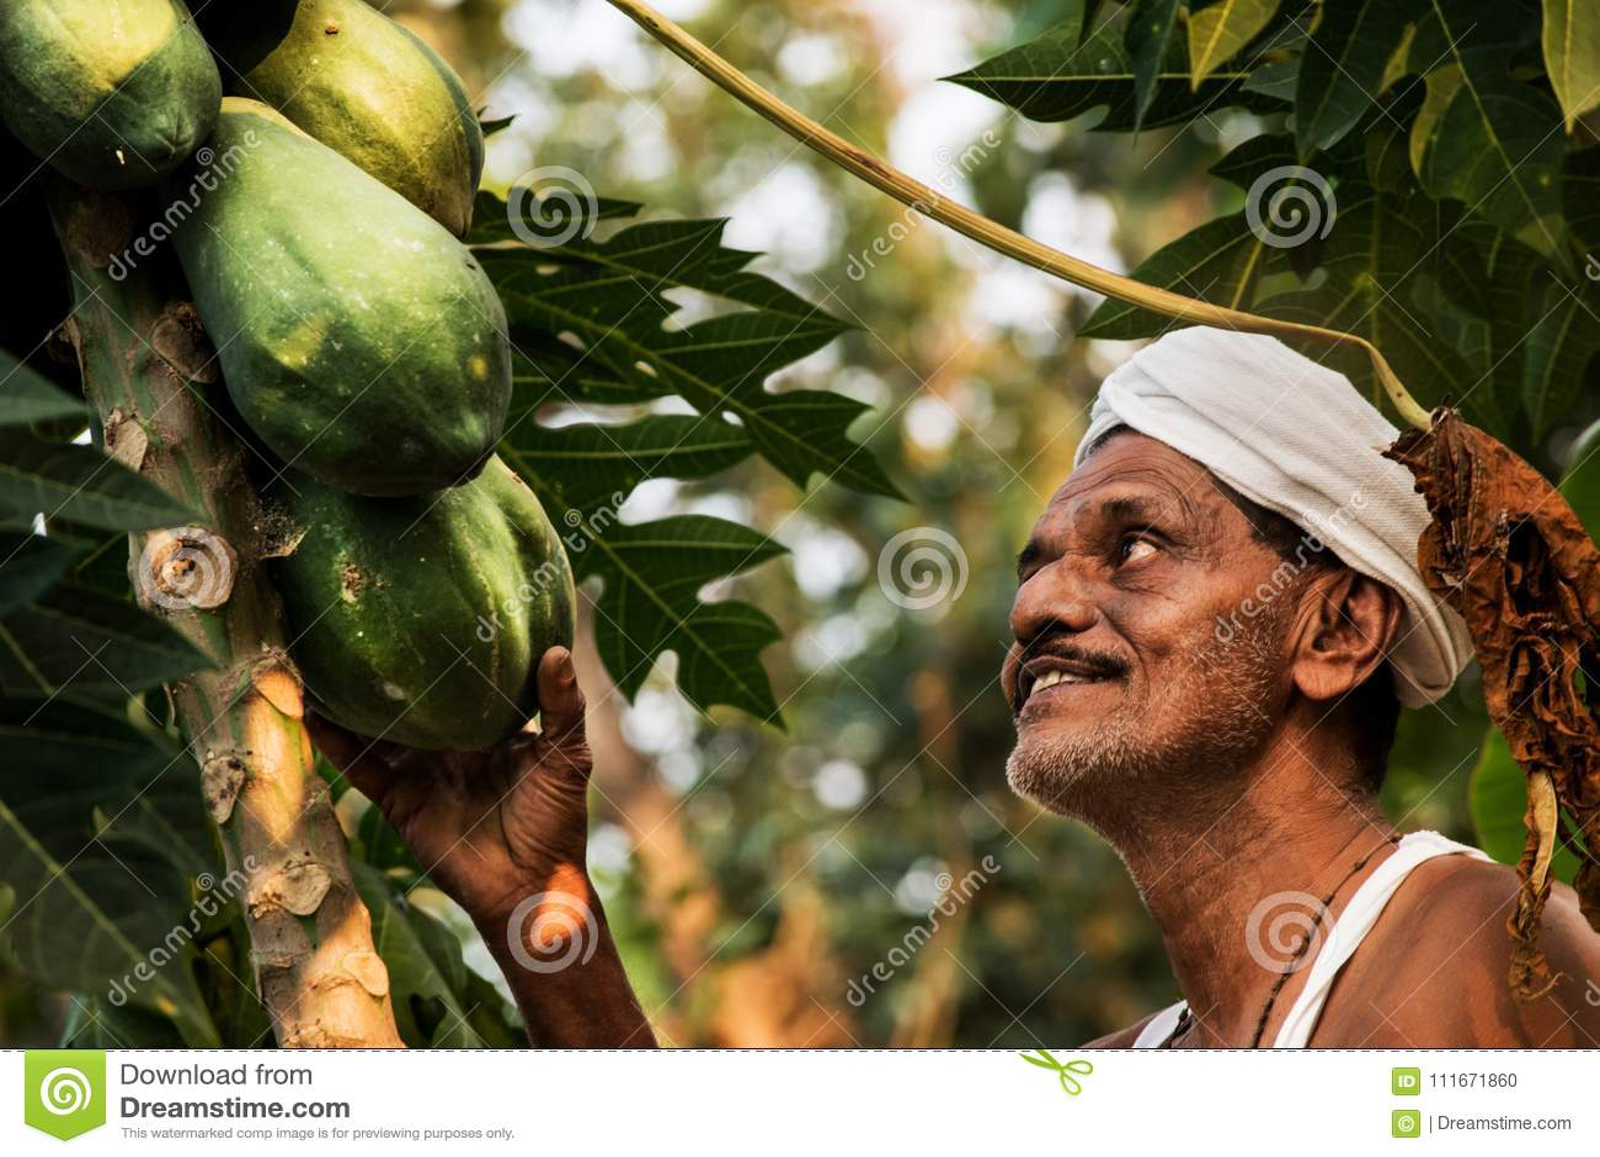 Papaya farmer in kerala